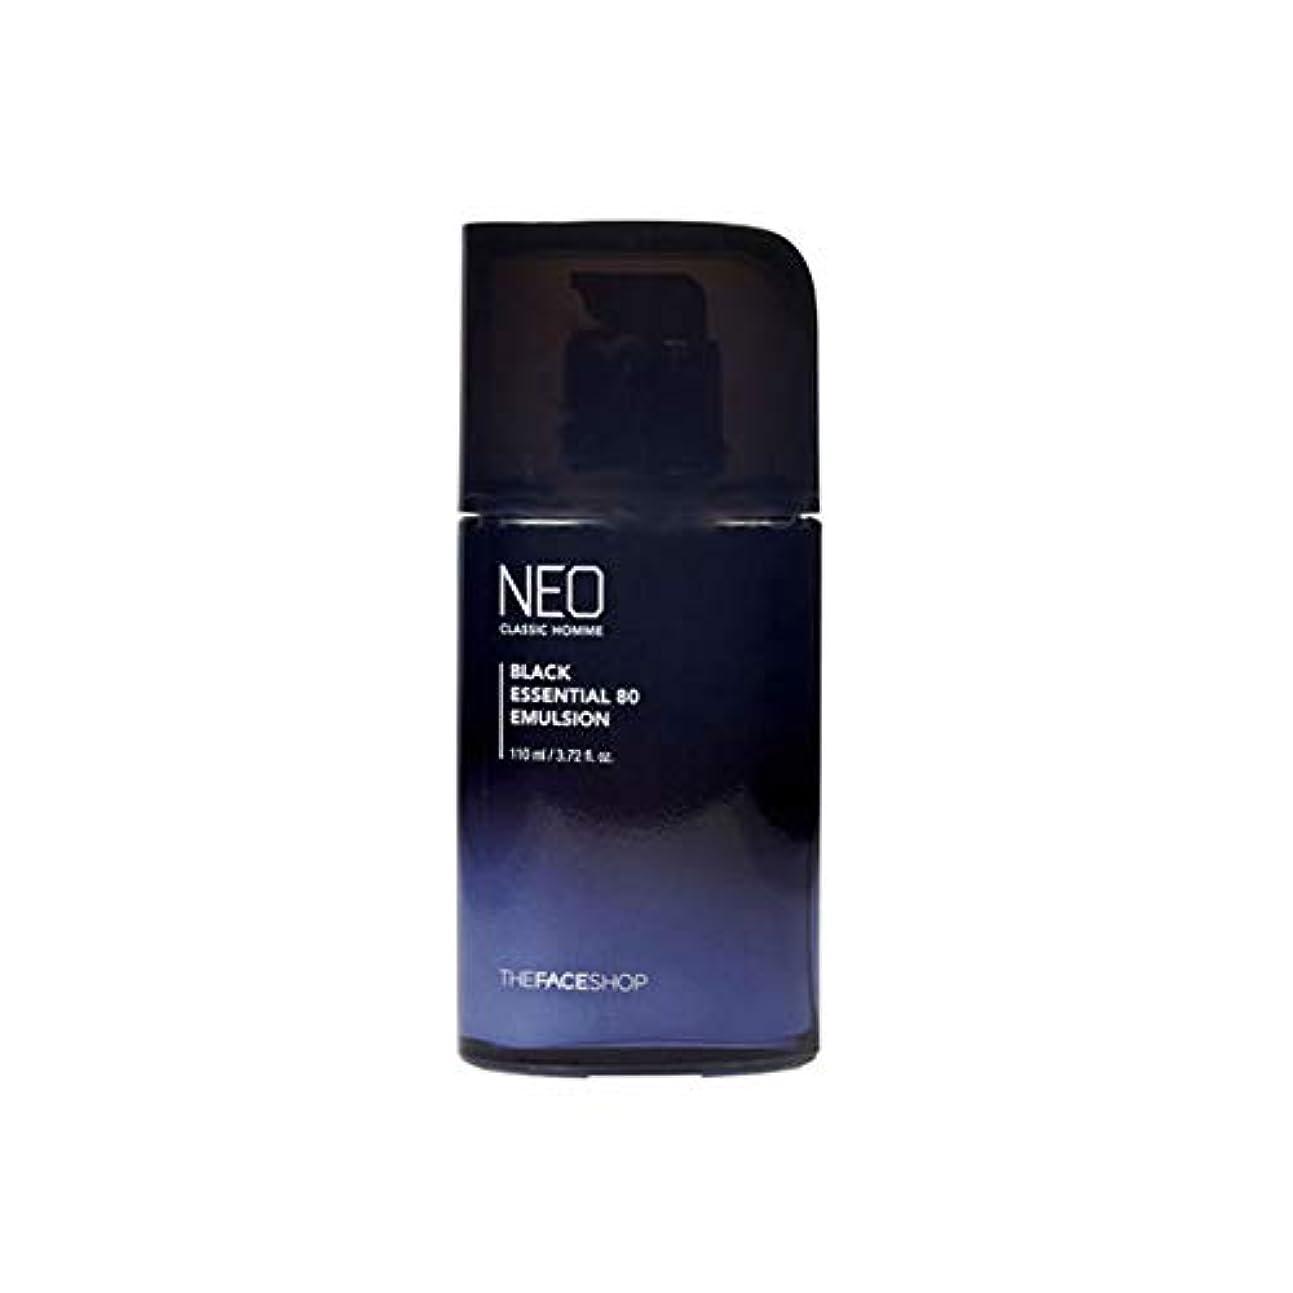 固めるすばらしいですチャールズキージング[ザフェイスショップ ]The Face shop ネオ クラシック オム ブラック エッセンシャル 80 エマルジョン110ml Neo Classic Homme Black Essential 80 Emulsion...